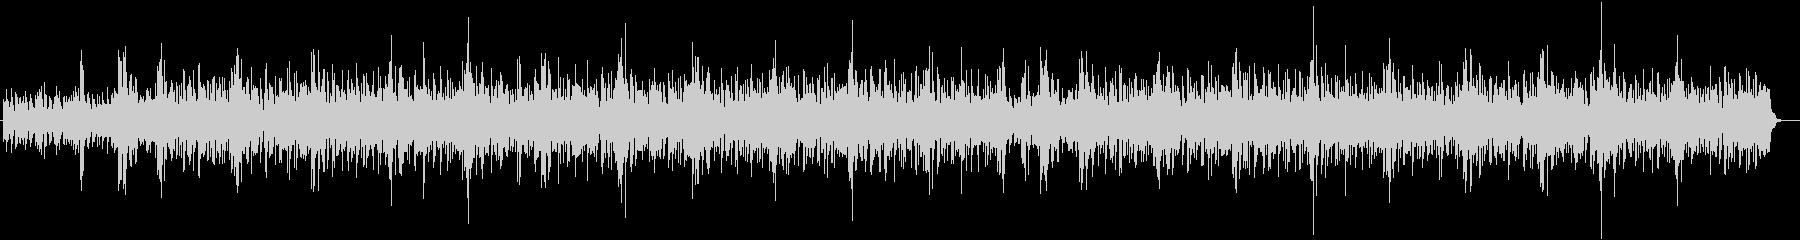 涼しげなシンセサイザー系サウンドの未再生の波形